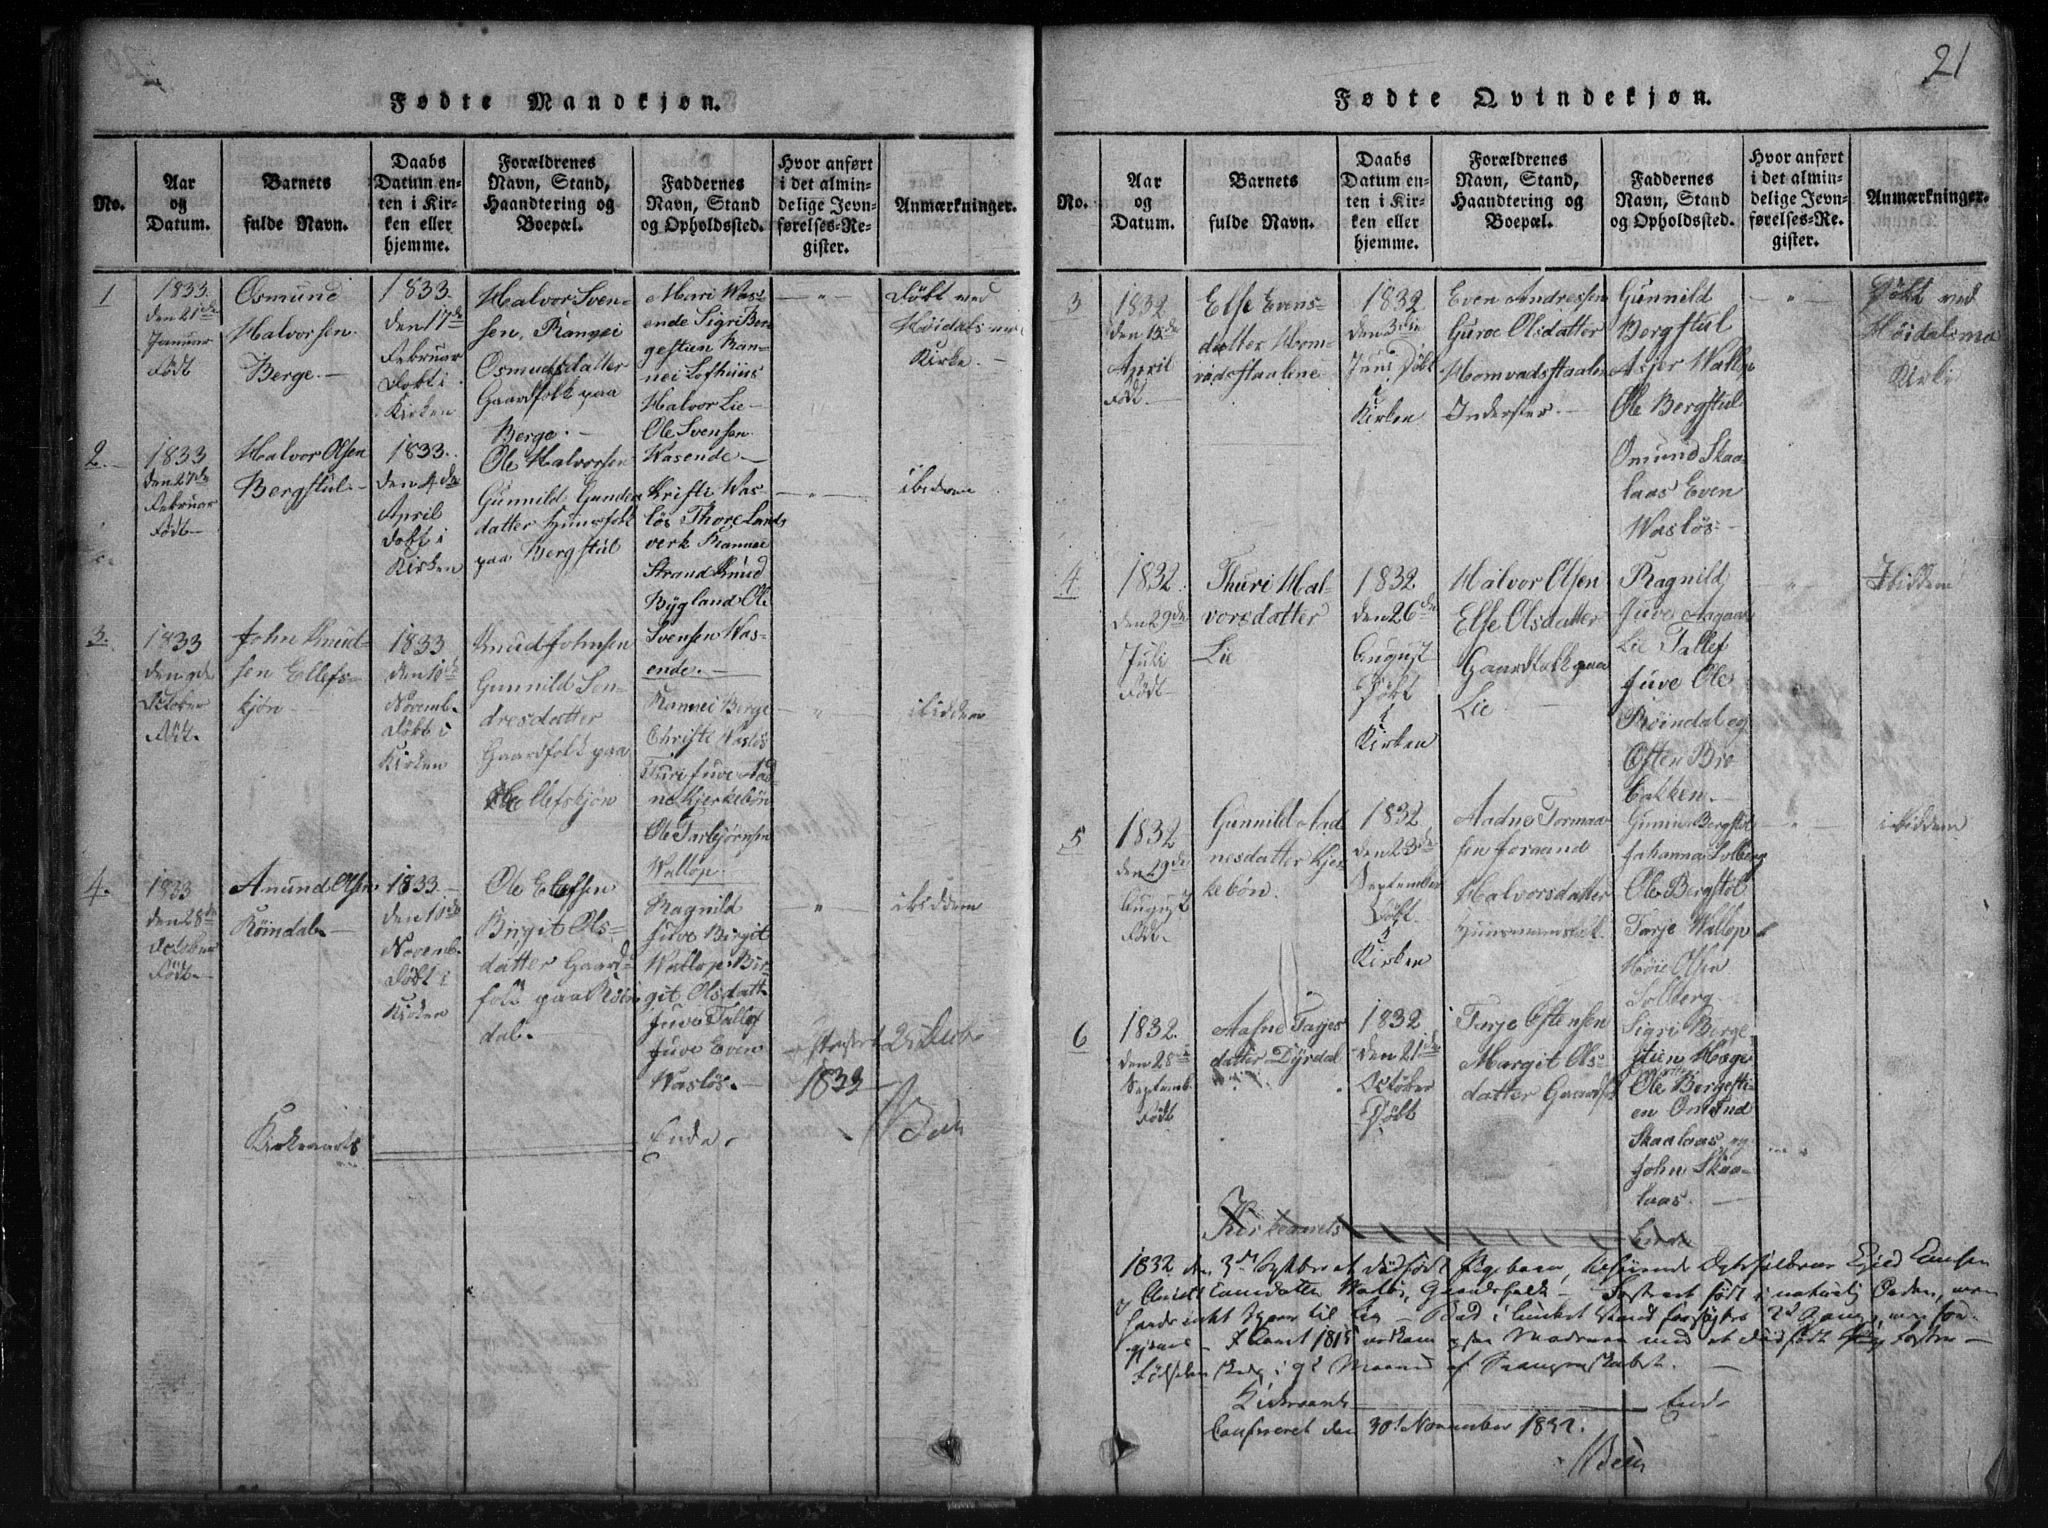 SAKO, Rauland kirkebøker, G/Gb/L0001: Klokkerbok nr. II 1, 1815-1886, s. 21